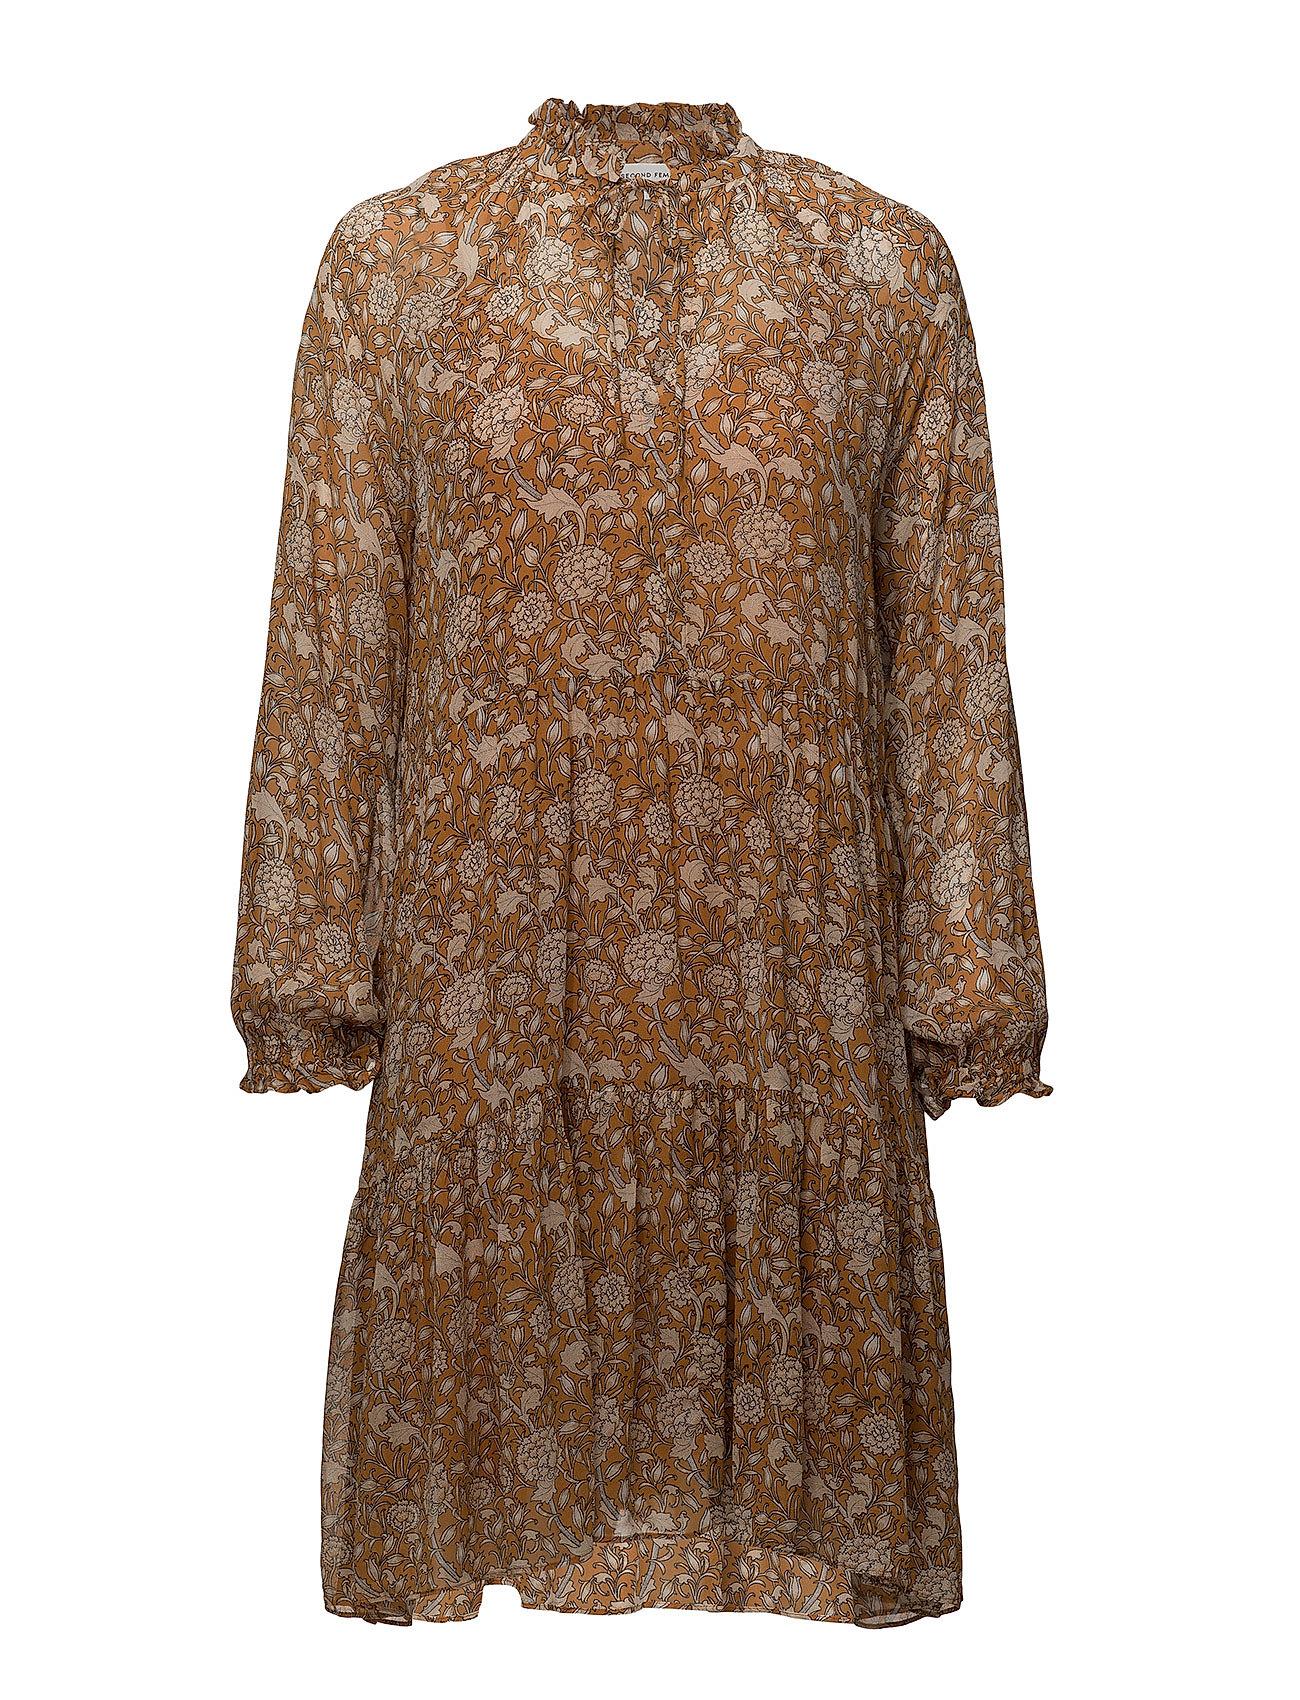 Dress sudan Kr Mindy Female 35 Second 1104 Brown 4ZBnAxqd